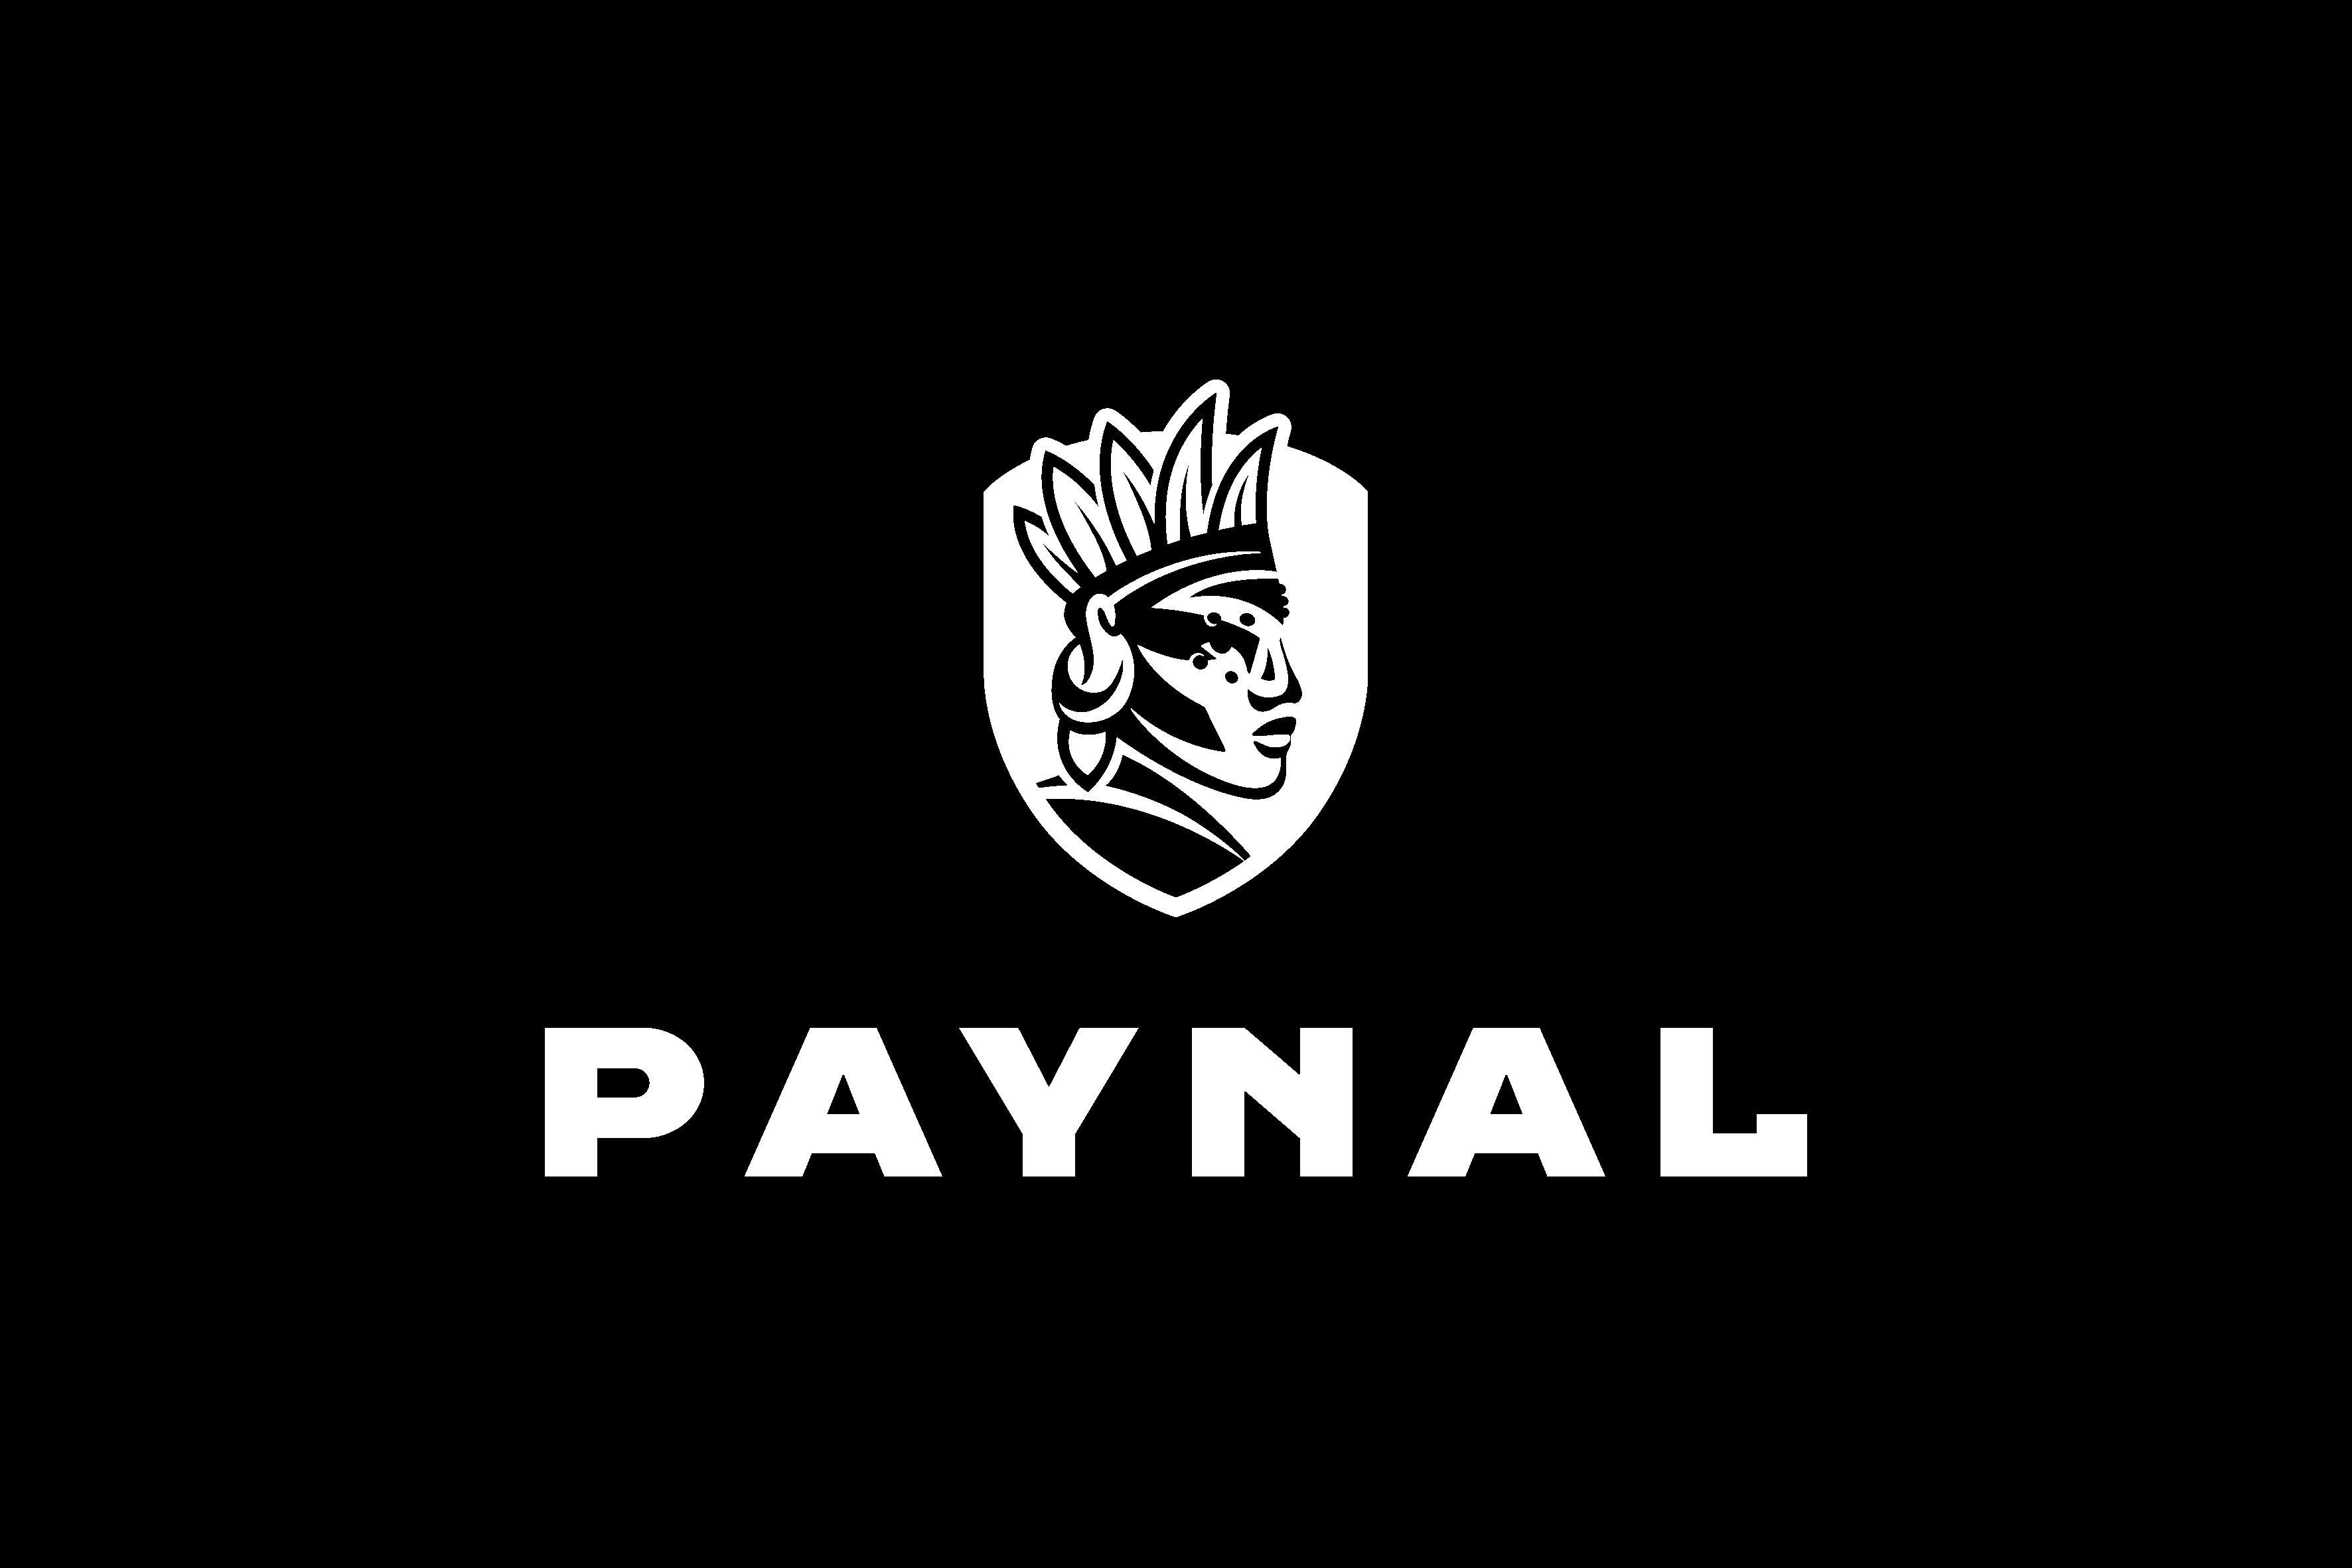 Paynal